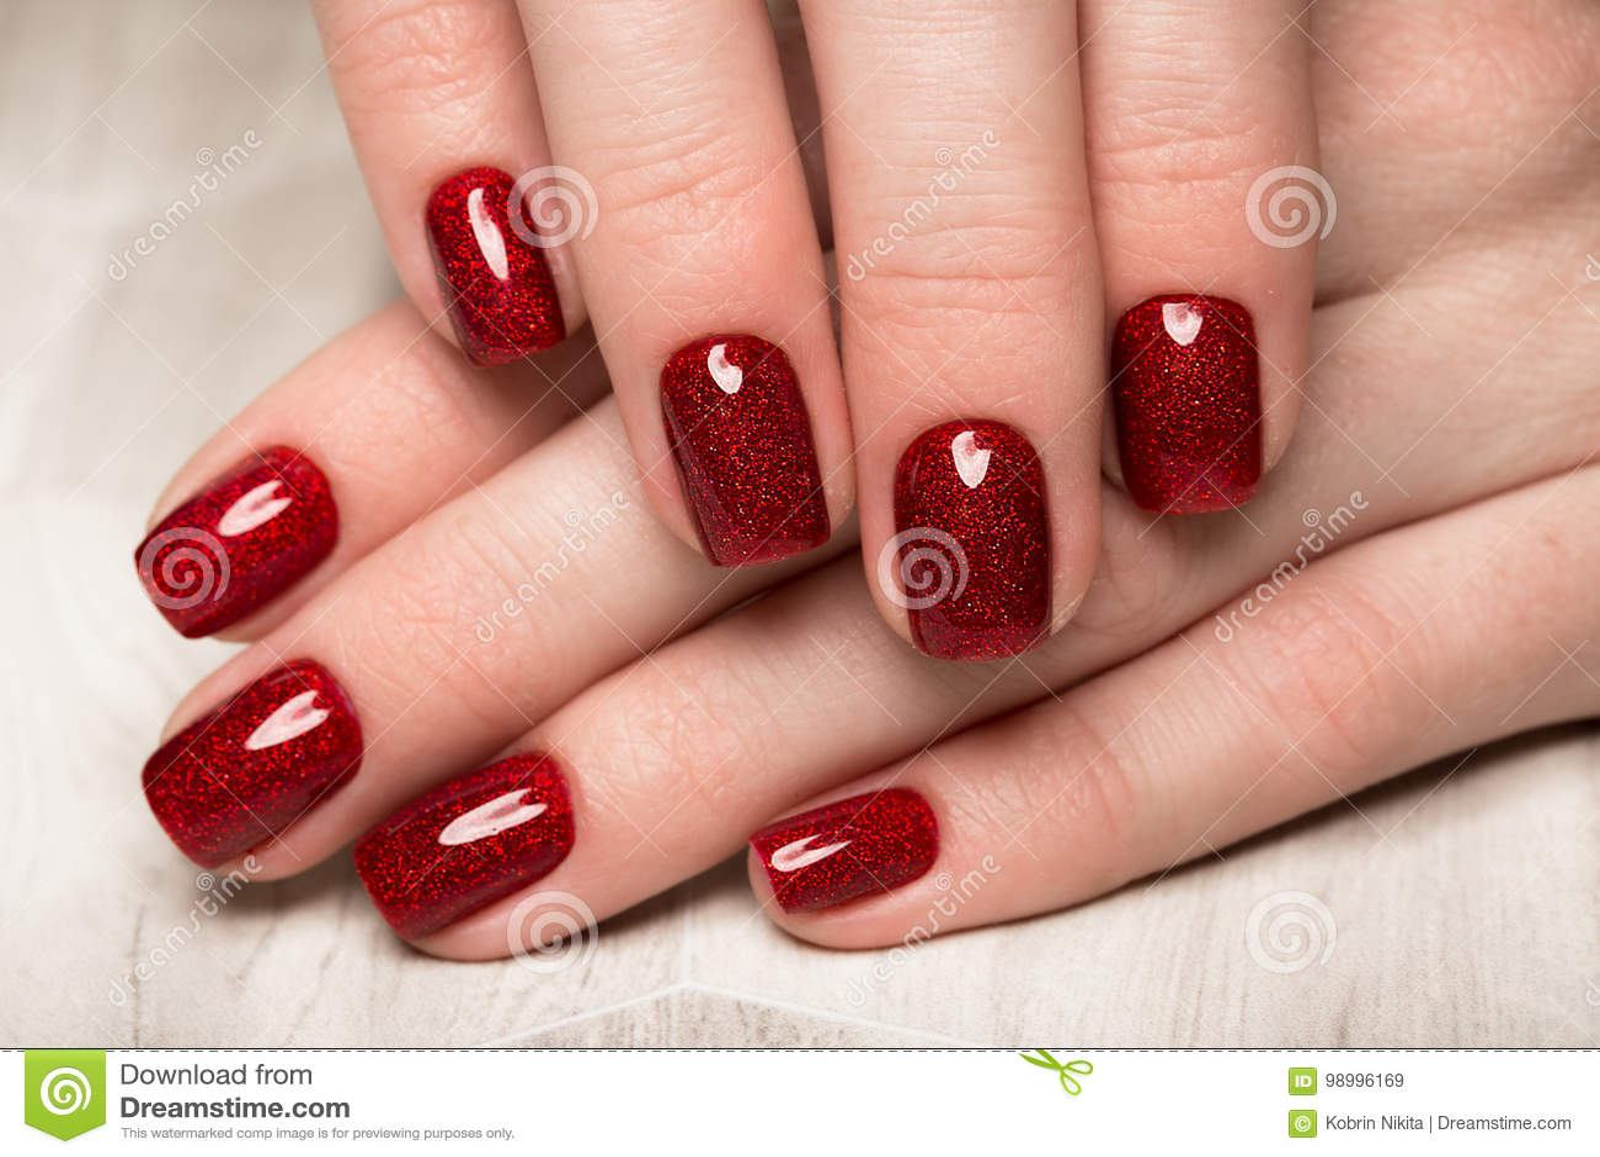 Jaskrawy Swiateczny Czerwony Manicure Na Zenskich Rekach Gwozdzia